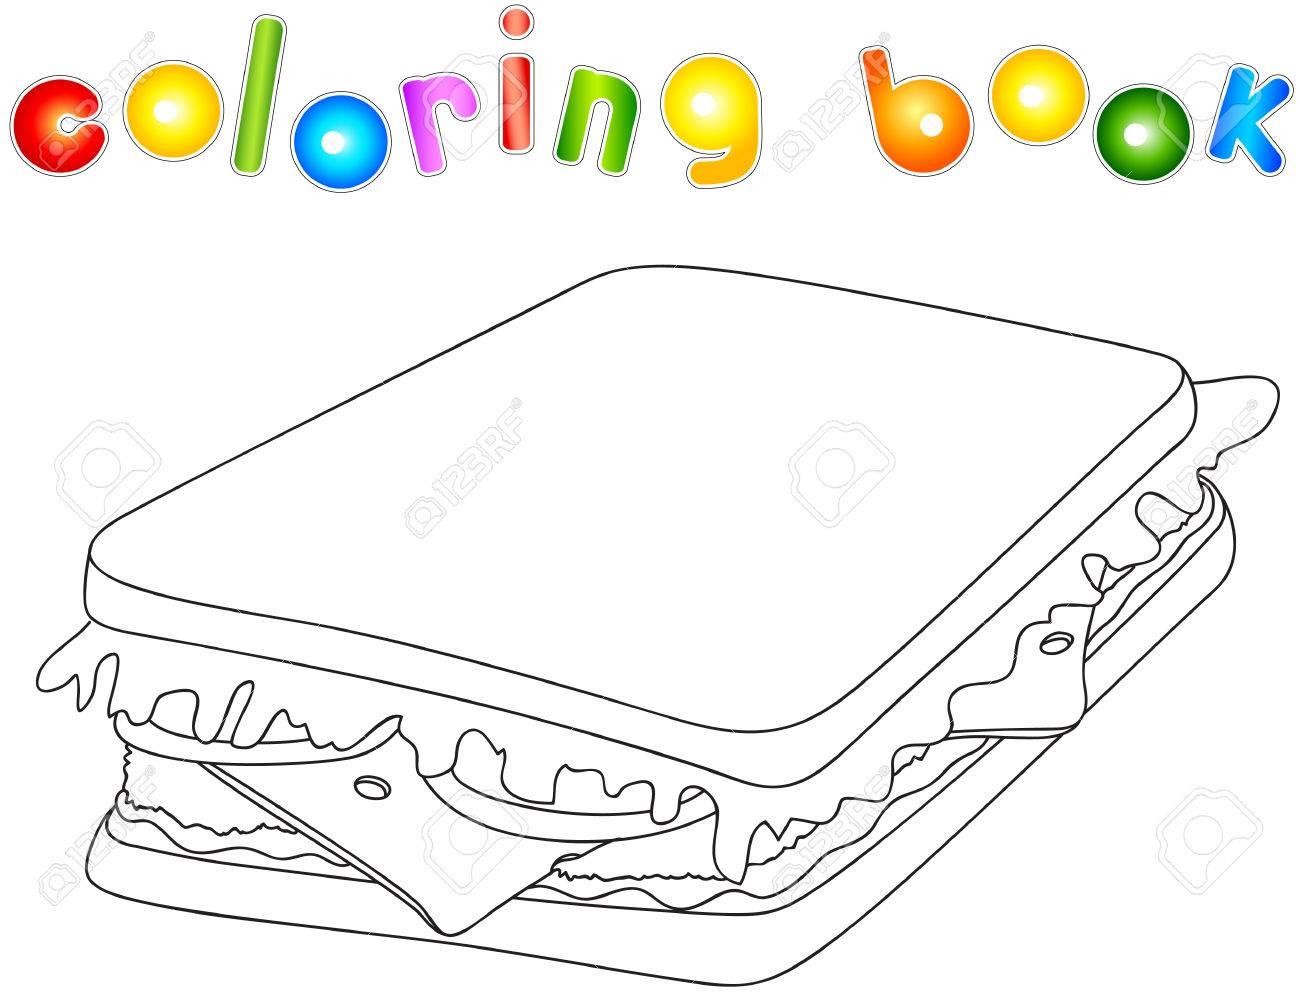 Sandwich Sin Pintar Pan Con Queso Tomate Carne Y Ensalada Libro Para Colorear Para Los Niños Acerca De La Comida Rápida Ilustración Vectorial